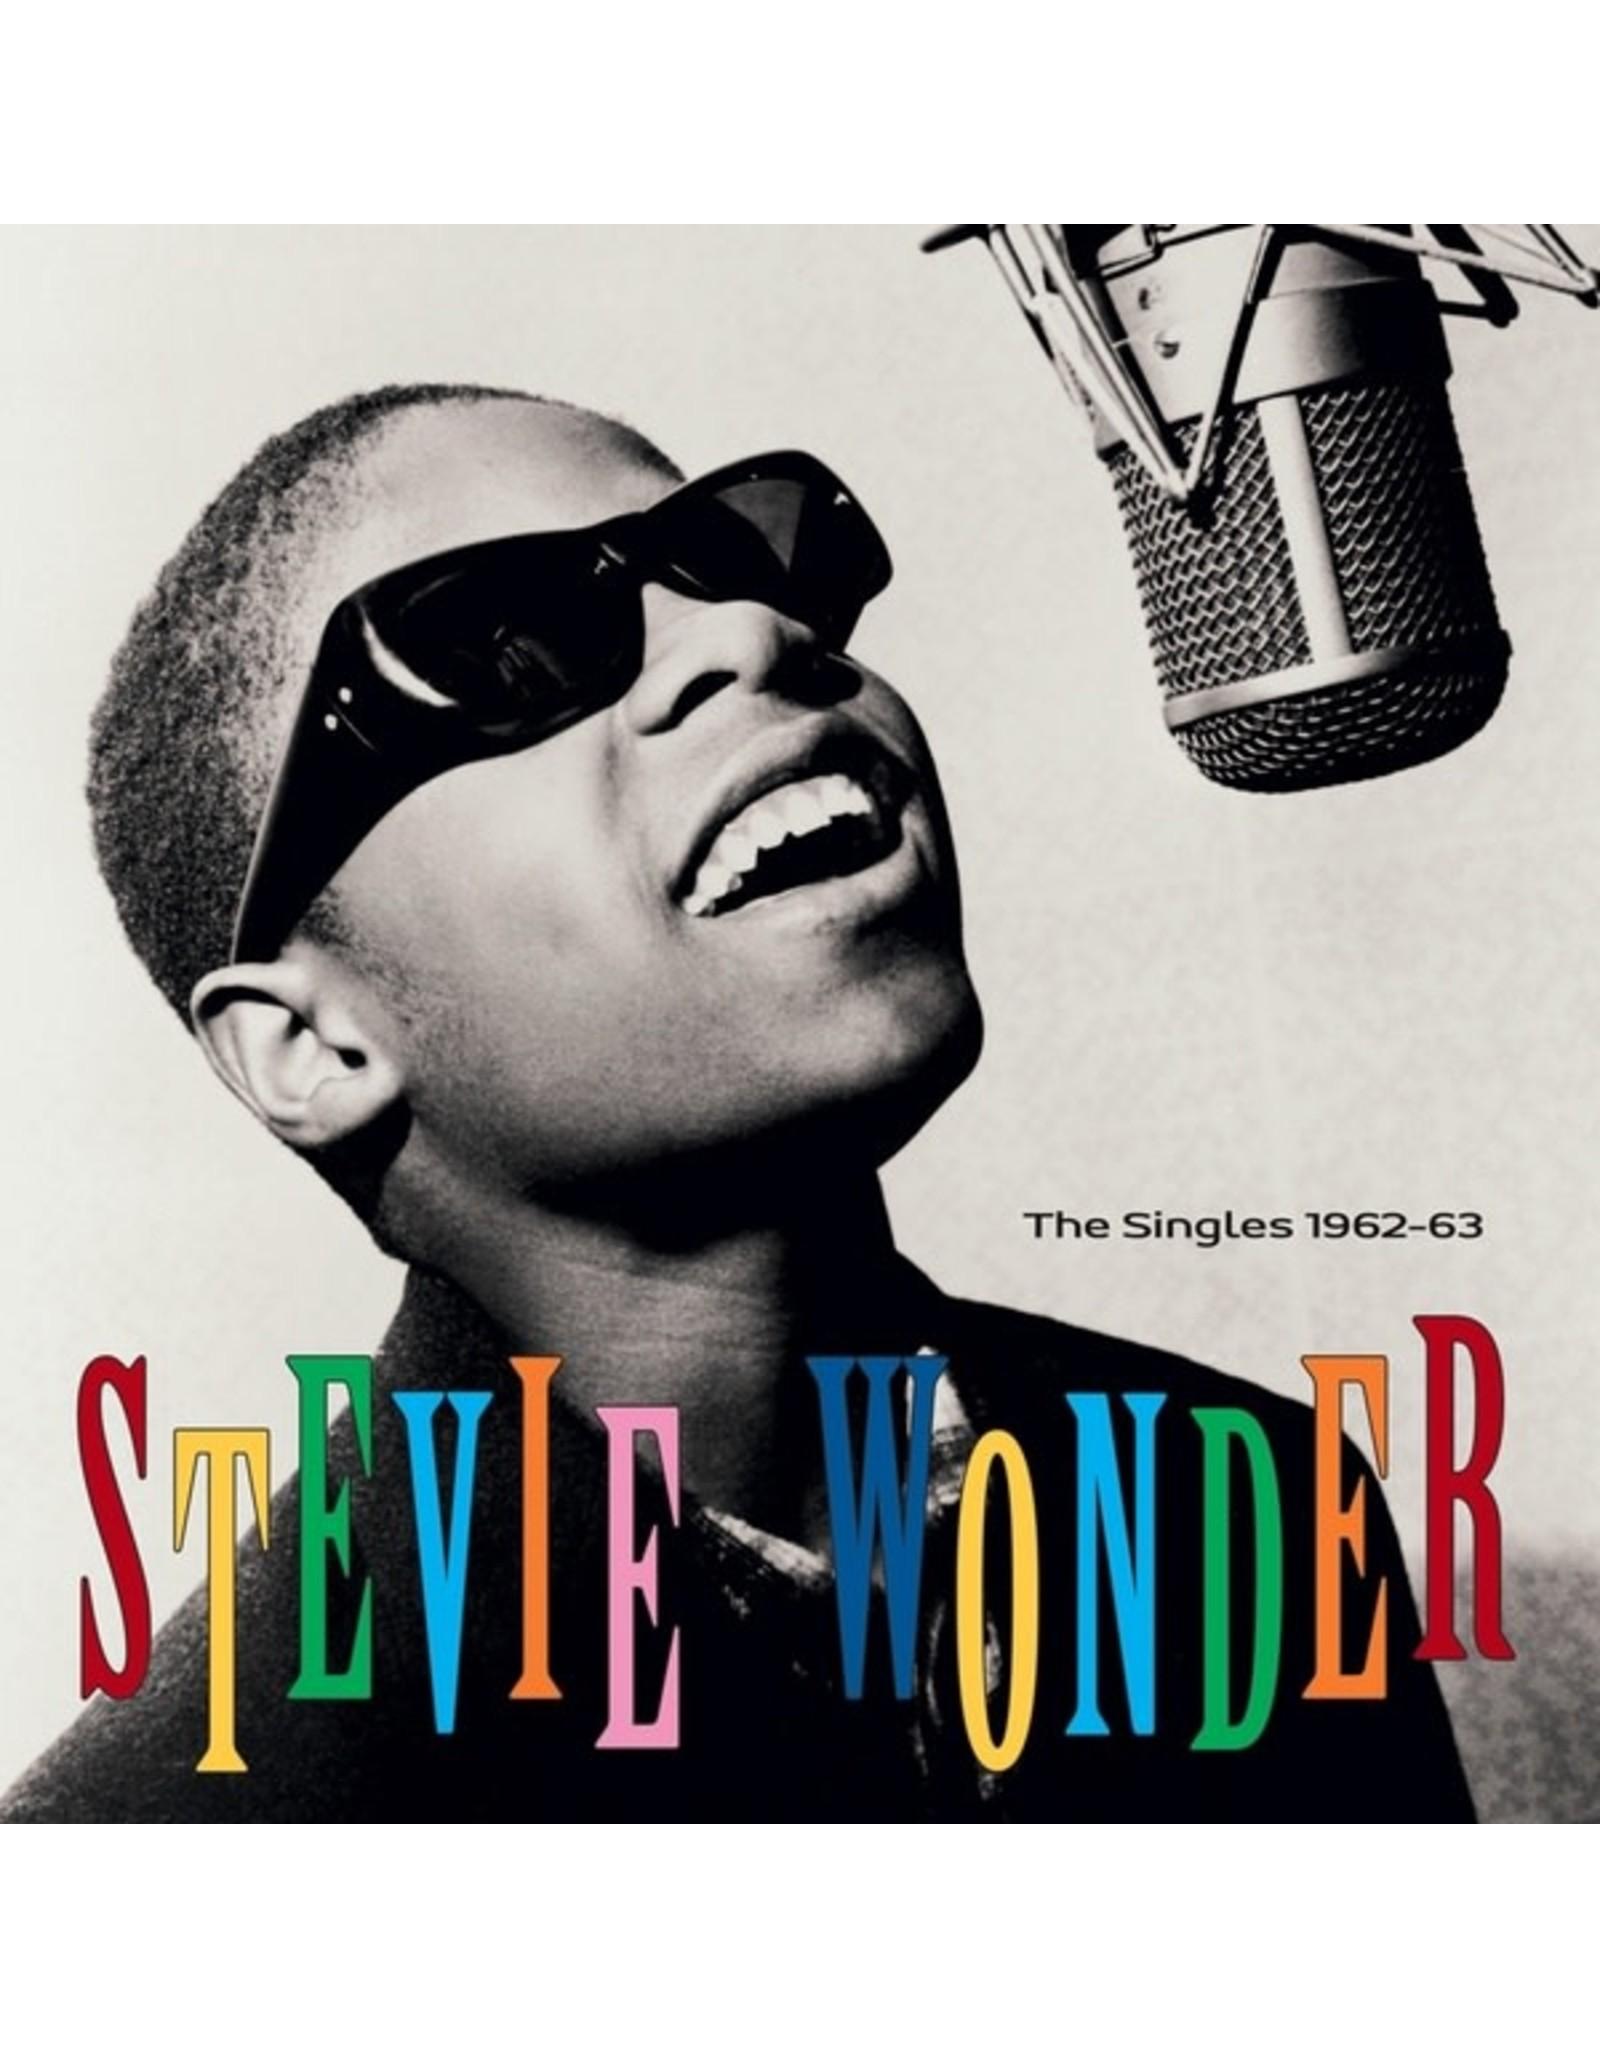 New Vinyl Stevie Wonder - The Singles 1962-63 LP